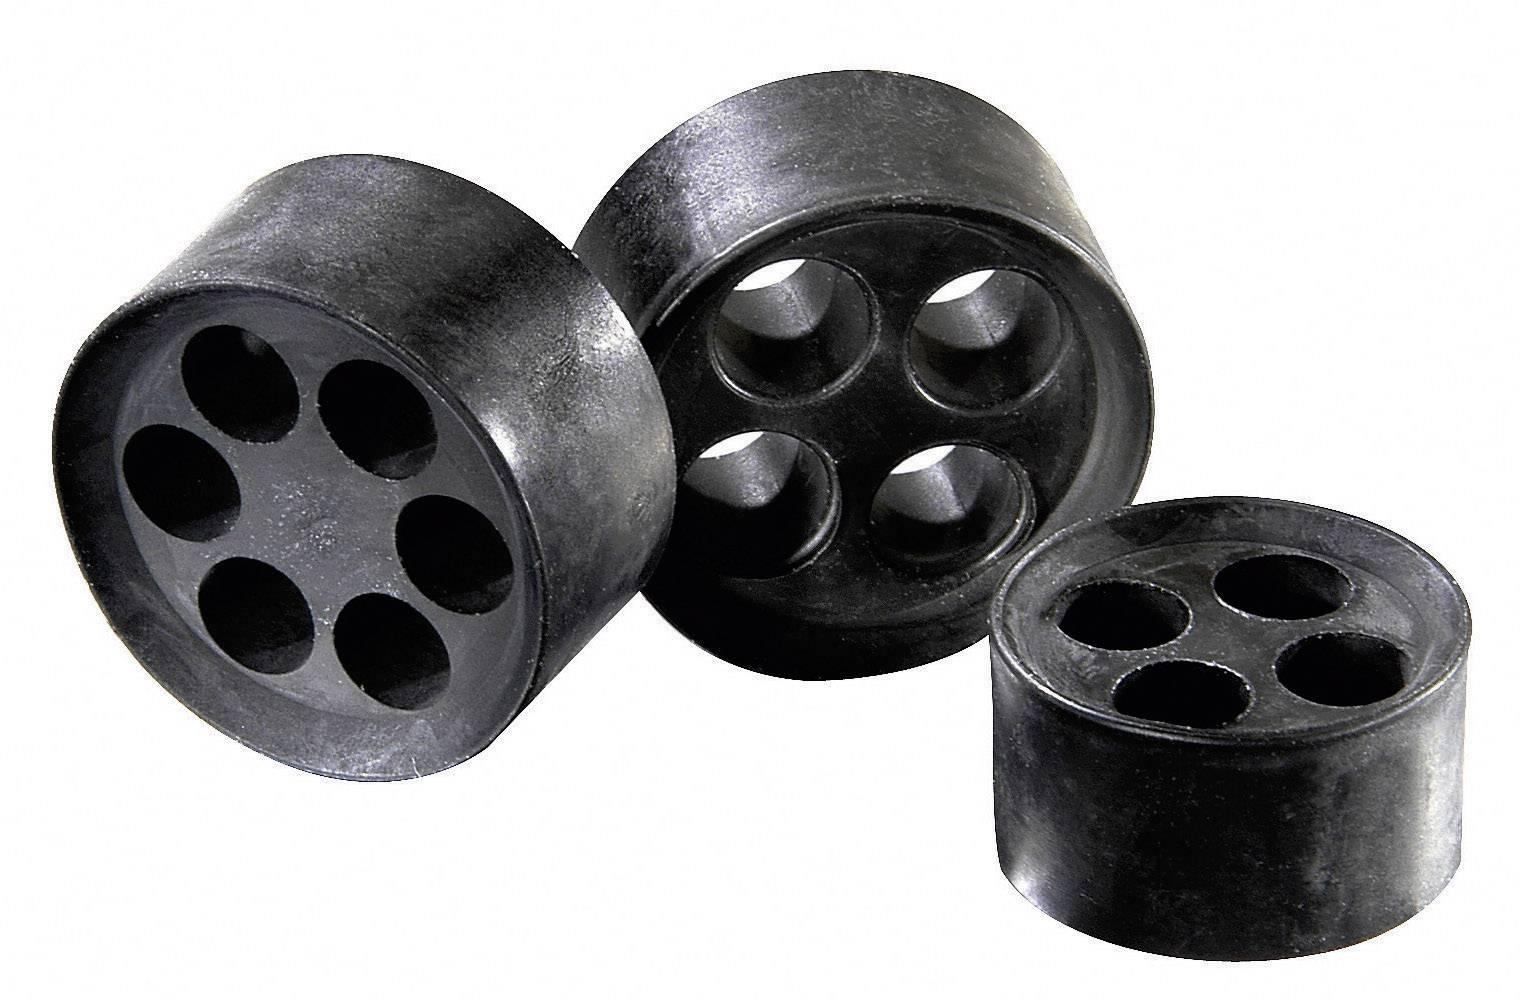 Těsnicí vložka M25 Wiska MFD 25/01/065 (10060954), IP66, M25, elastomer, černá